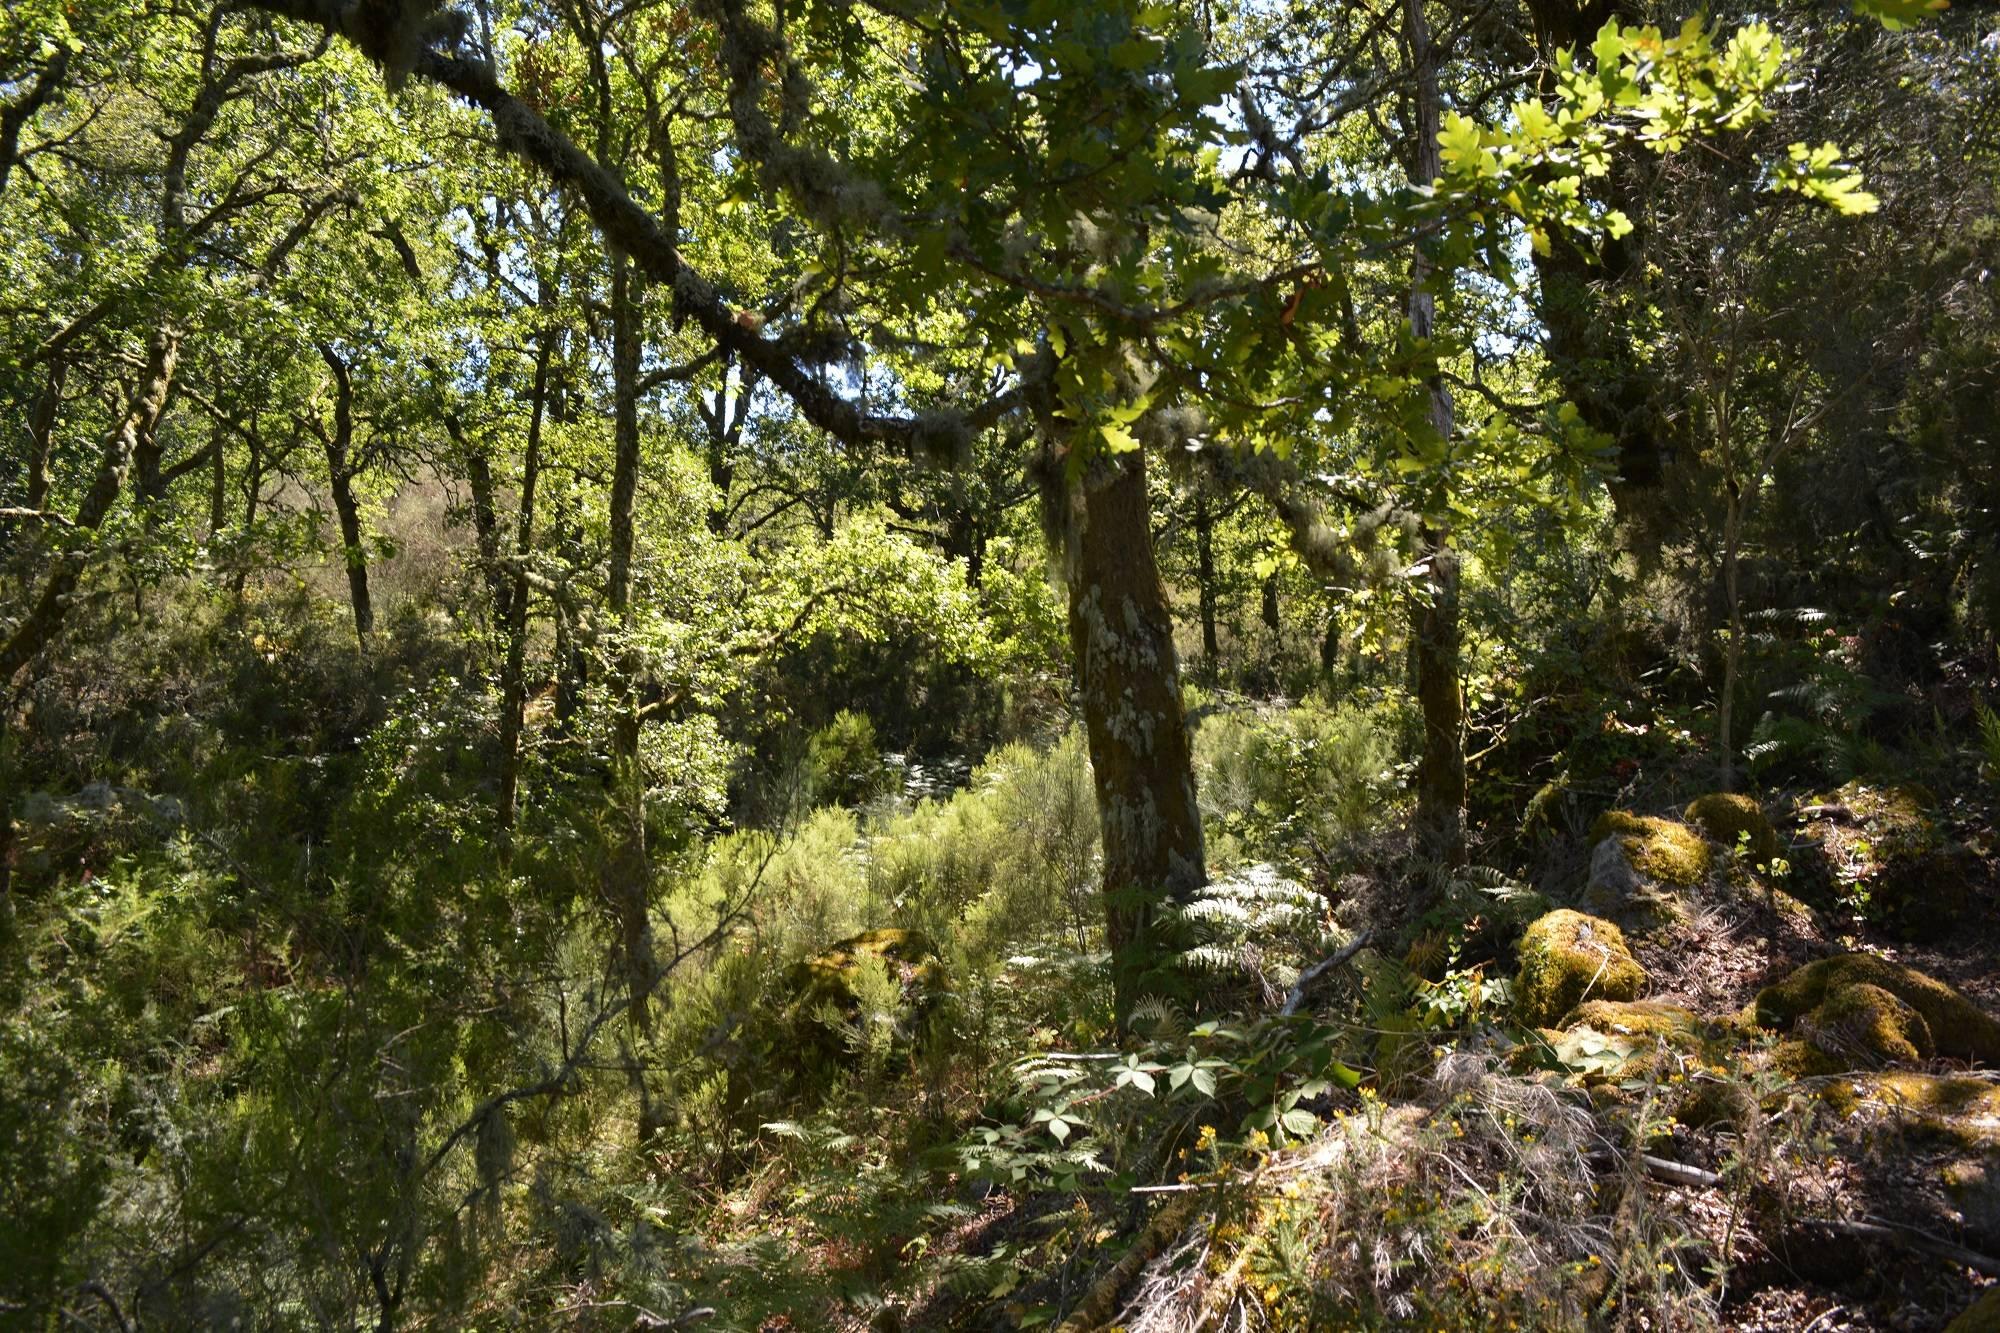 A dense oak woodland